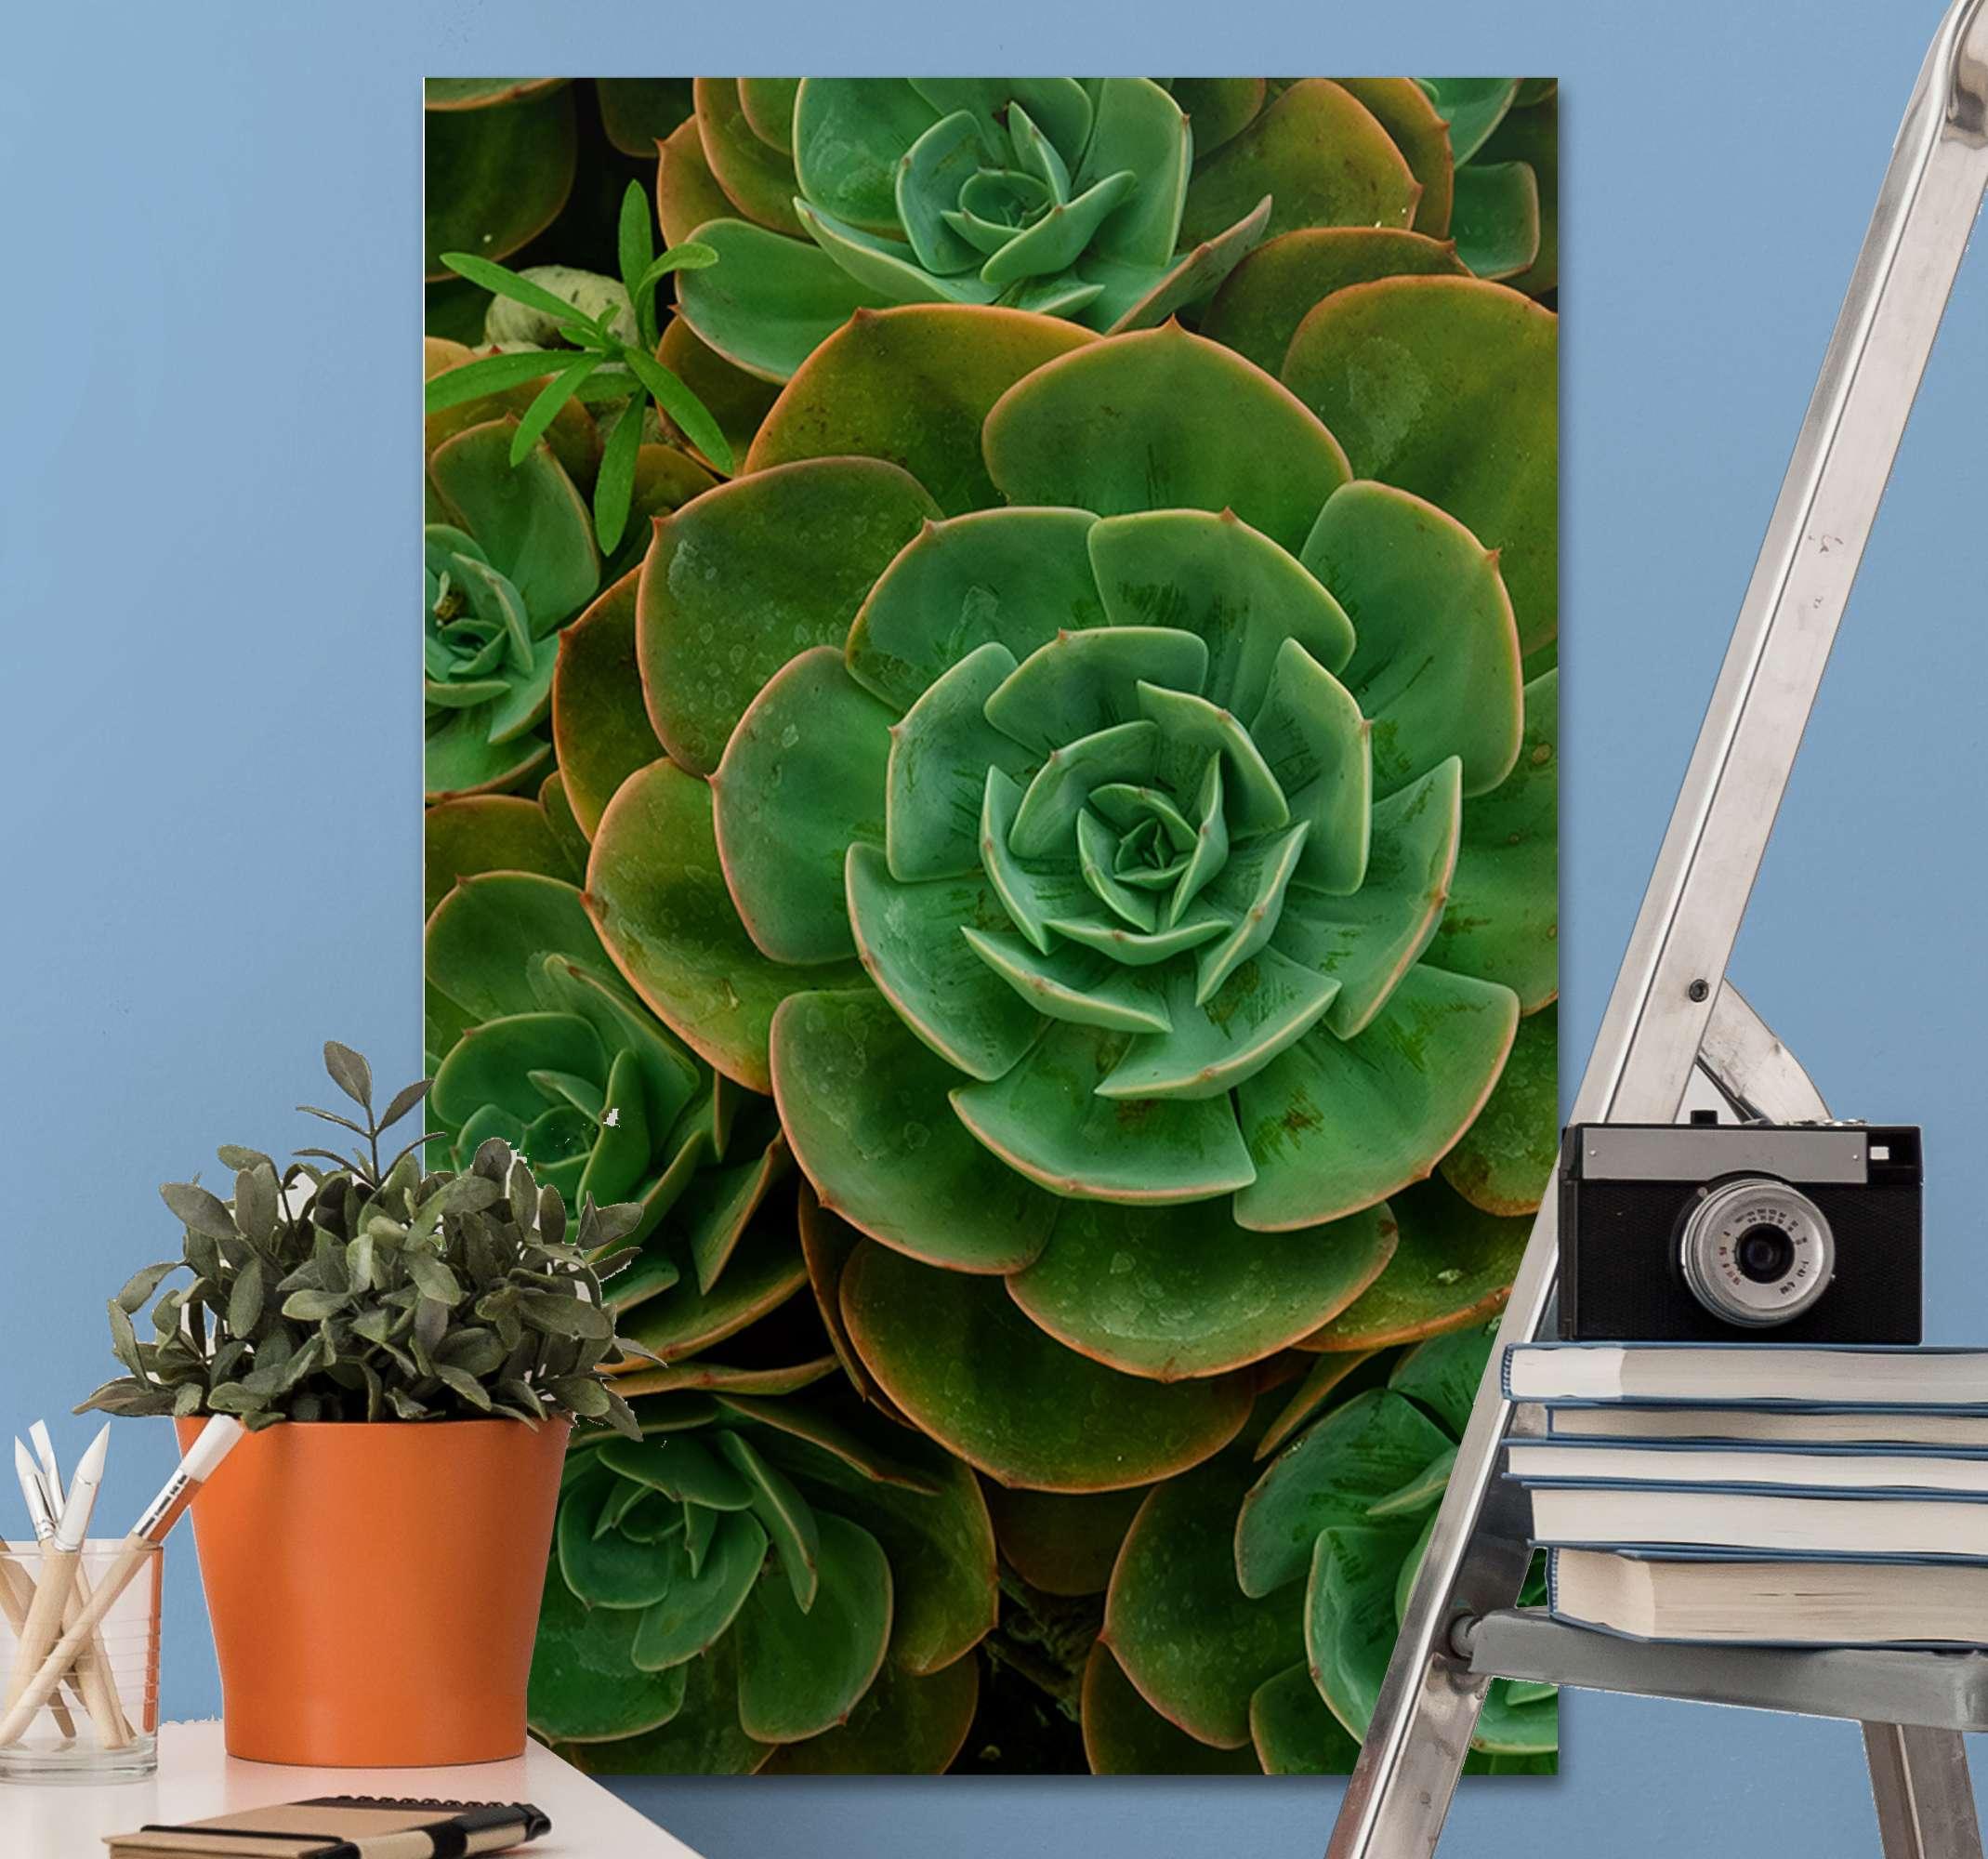 Tenstickers. Kaktus suunnittelu Muut kukat ja kasvit kangastaulut. Realistinen näköinen kaktus kukka kangas seinätaide. Kaunis kangas olohuoneeseen, vaikka voit ripustaa sen myös kotisi muille alueille.